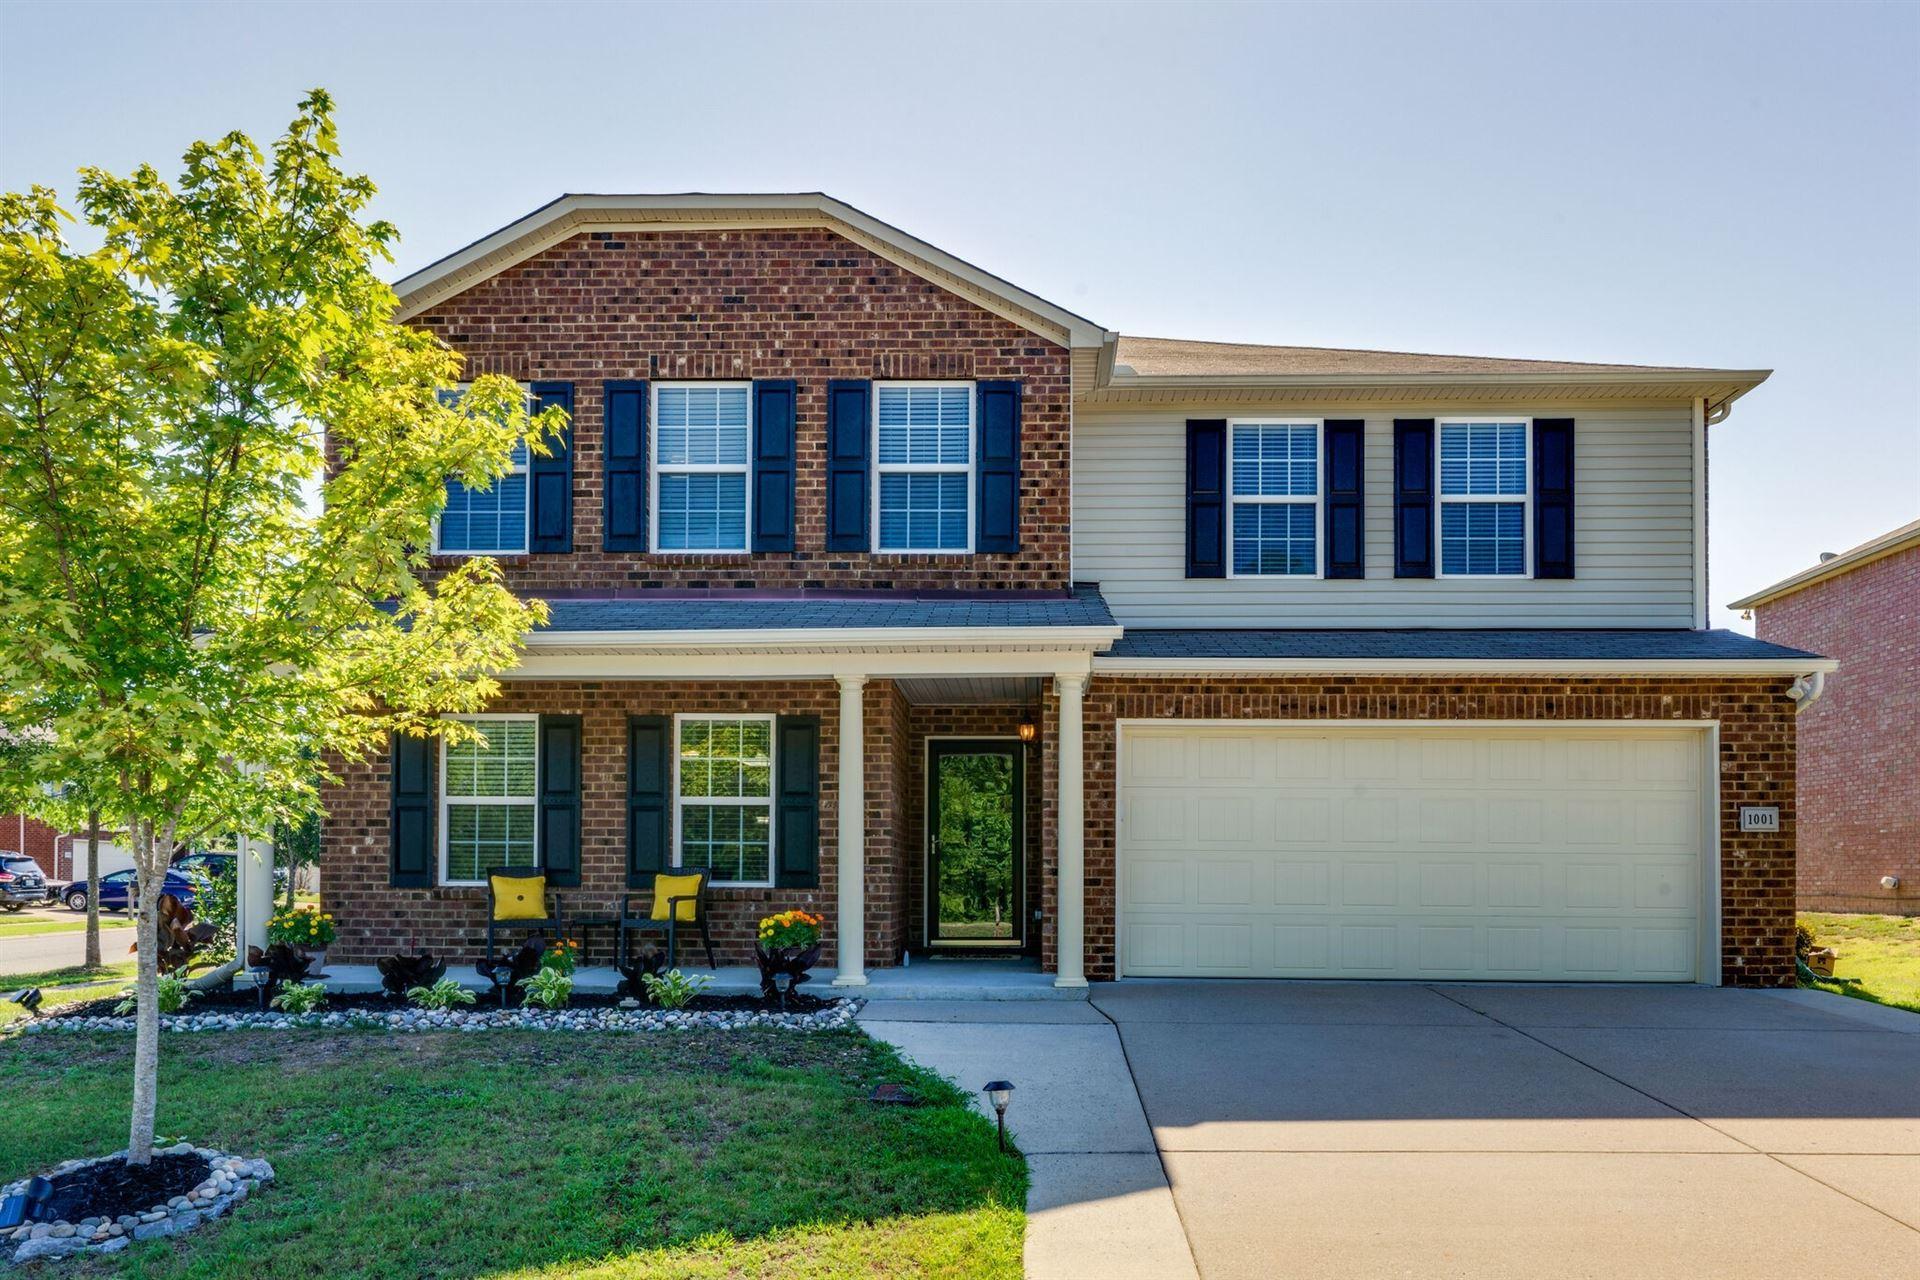 1001 Harmony Ln, Hendersonville, TN 37075 - MLS#: 2192113